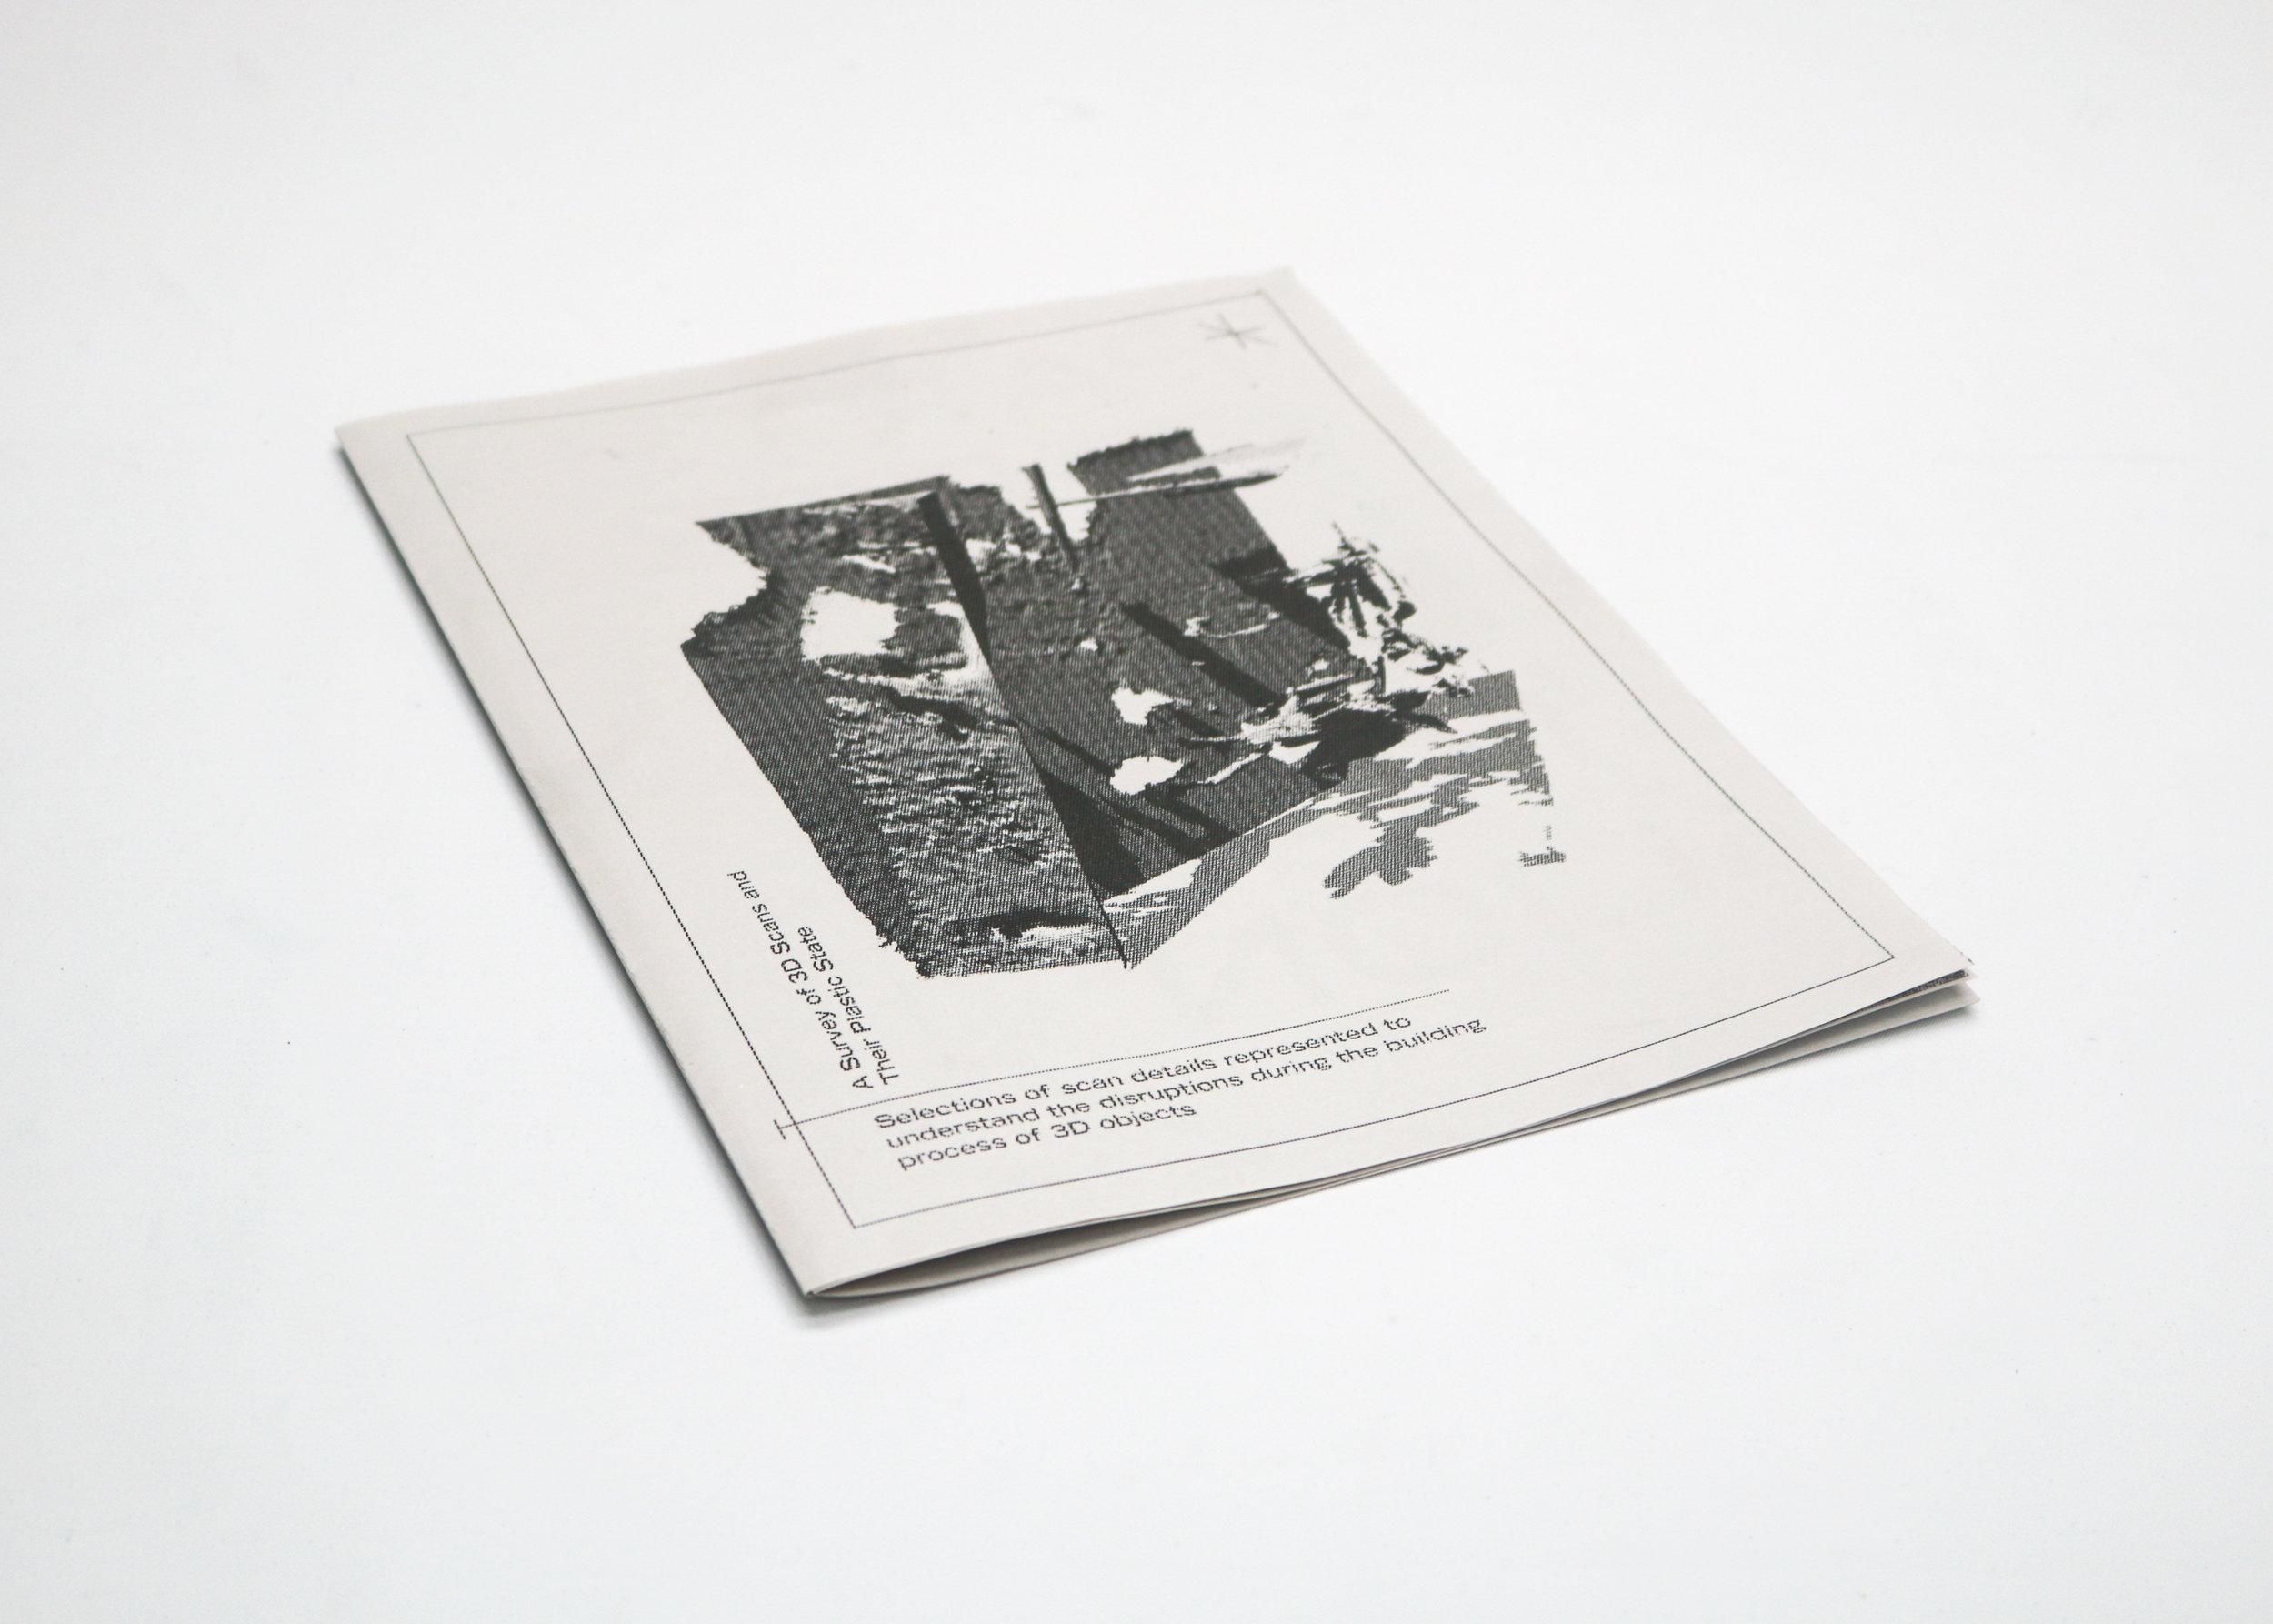 ppm-cover.jpg